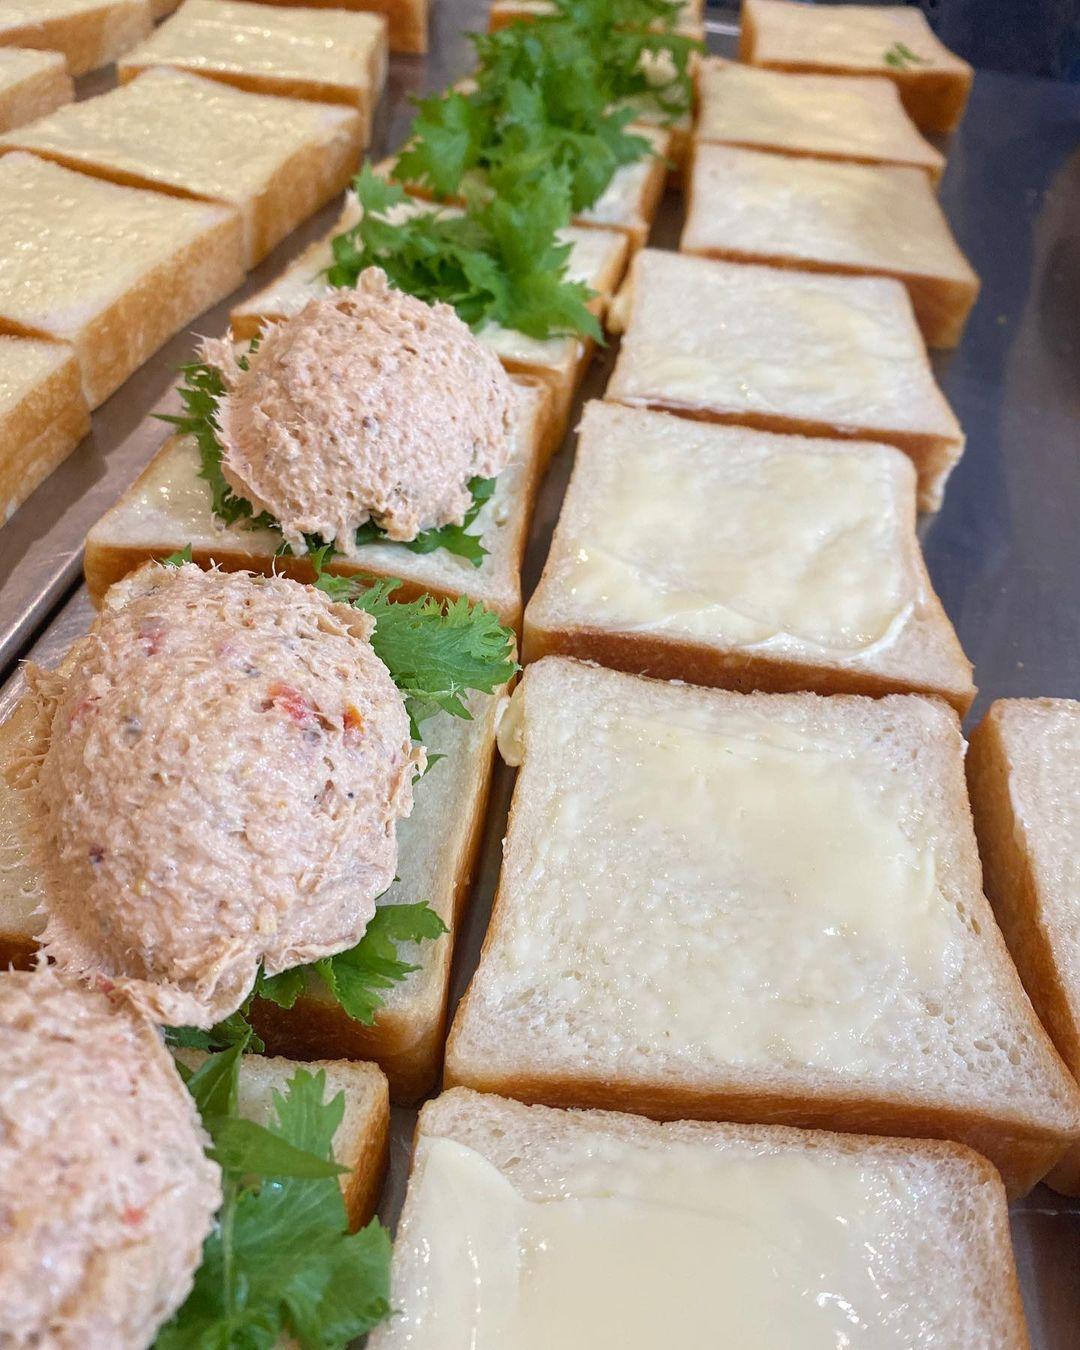 再販して好評いただいている「バインミー」や丘パン自慢の食パンに挟んだ「ツナ プロヴァンサルのサンドウィッチ」をぜひお召し上がりください(2021.07.08)